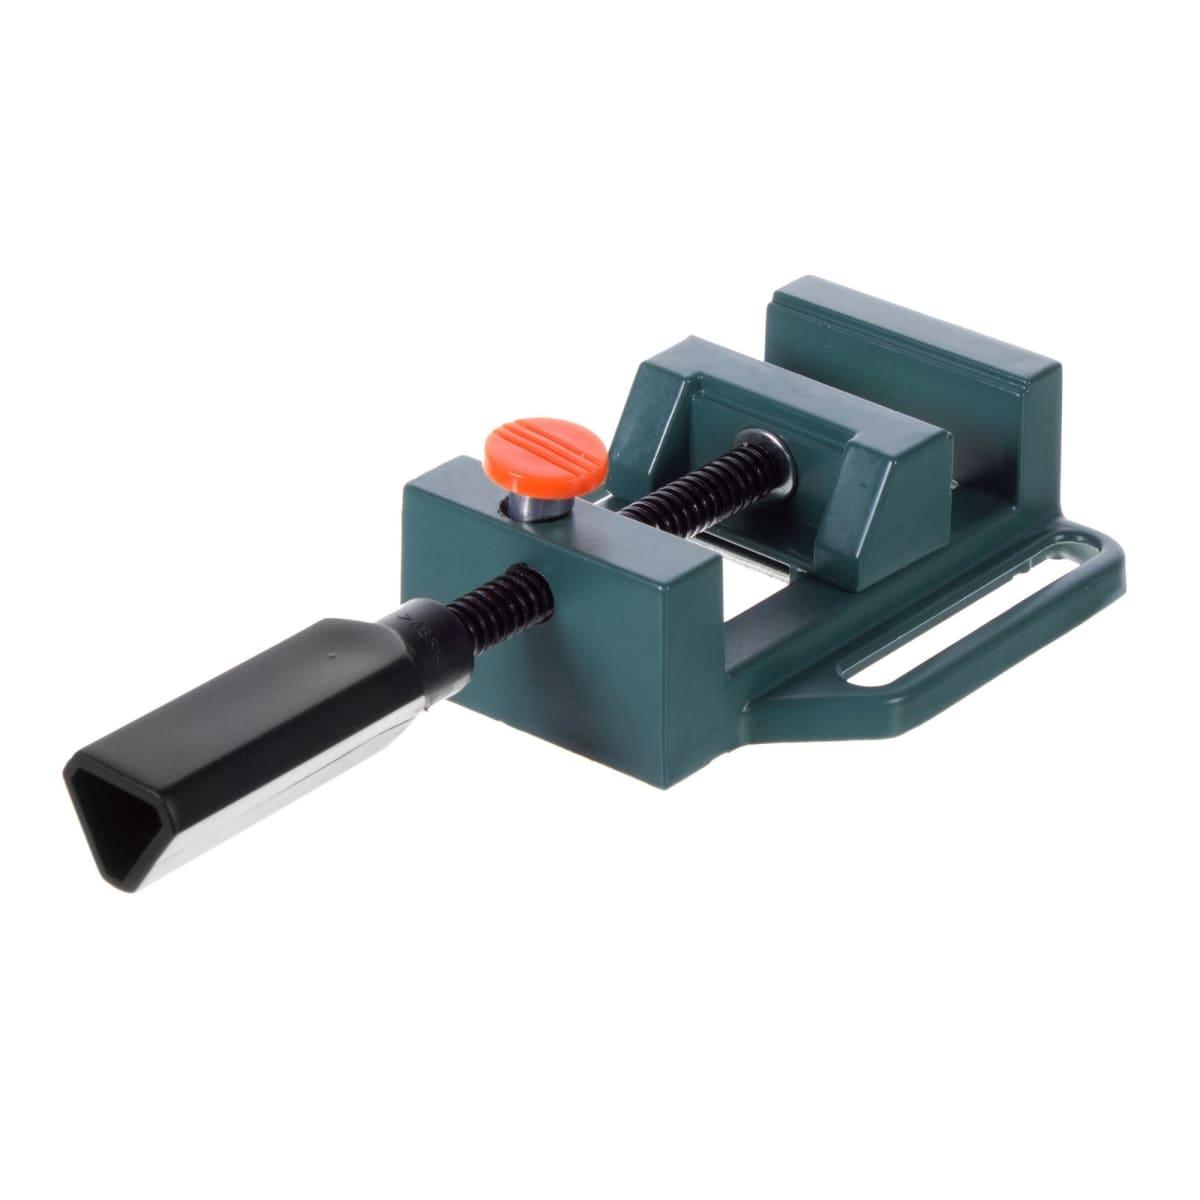 Тиски слесарные с ускоренным зажимом Калибр, 70x60 мм